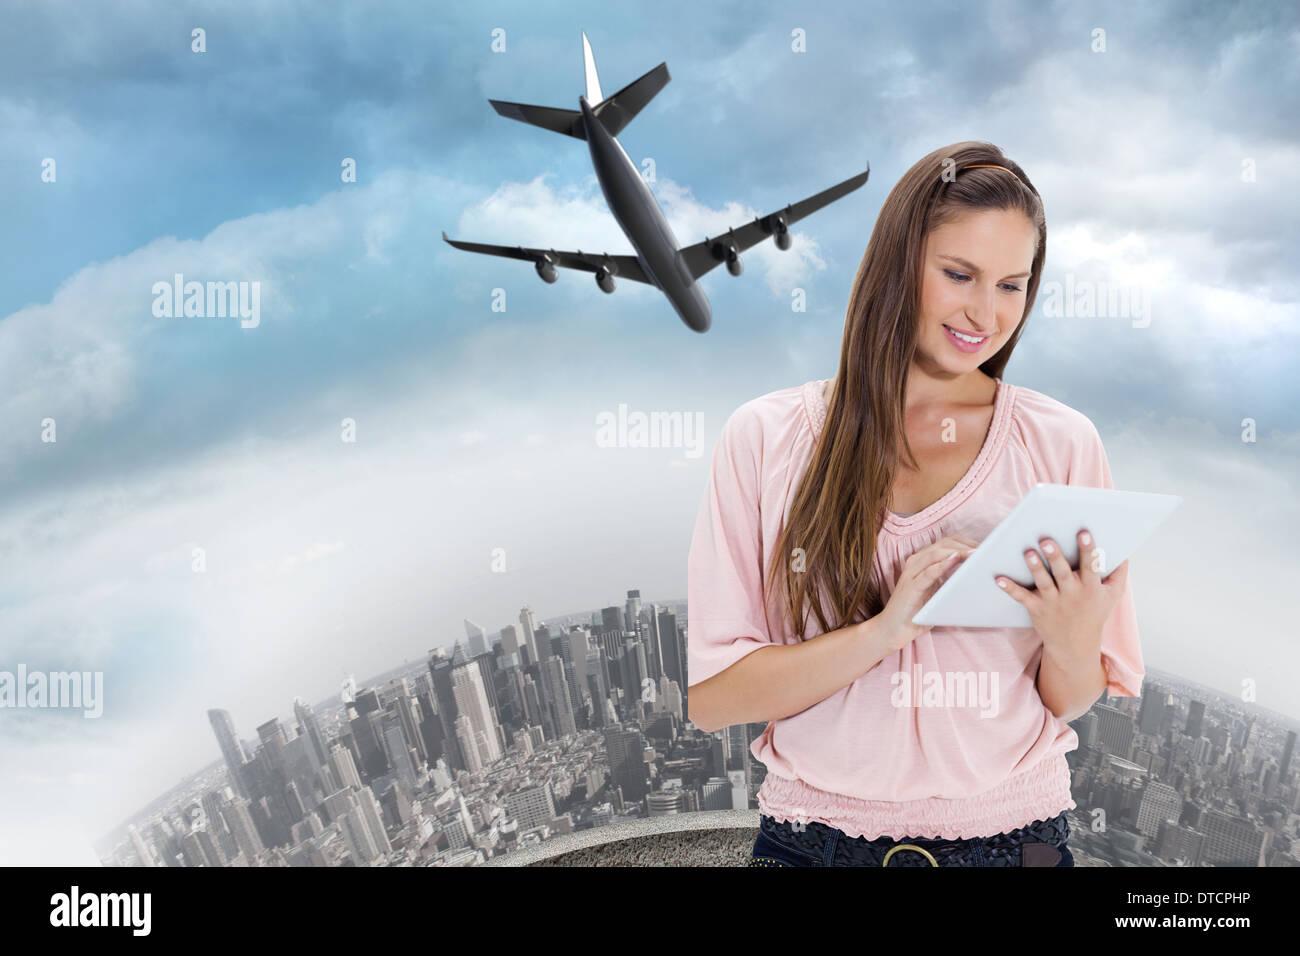 Imagen compuesta de cerca de una chica con un touchpad Imagen De Stock